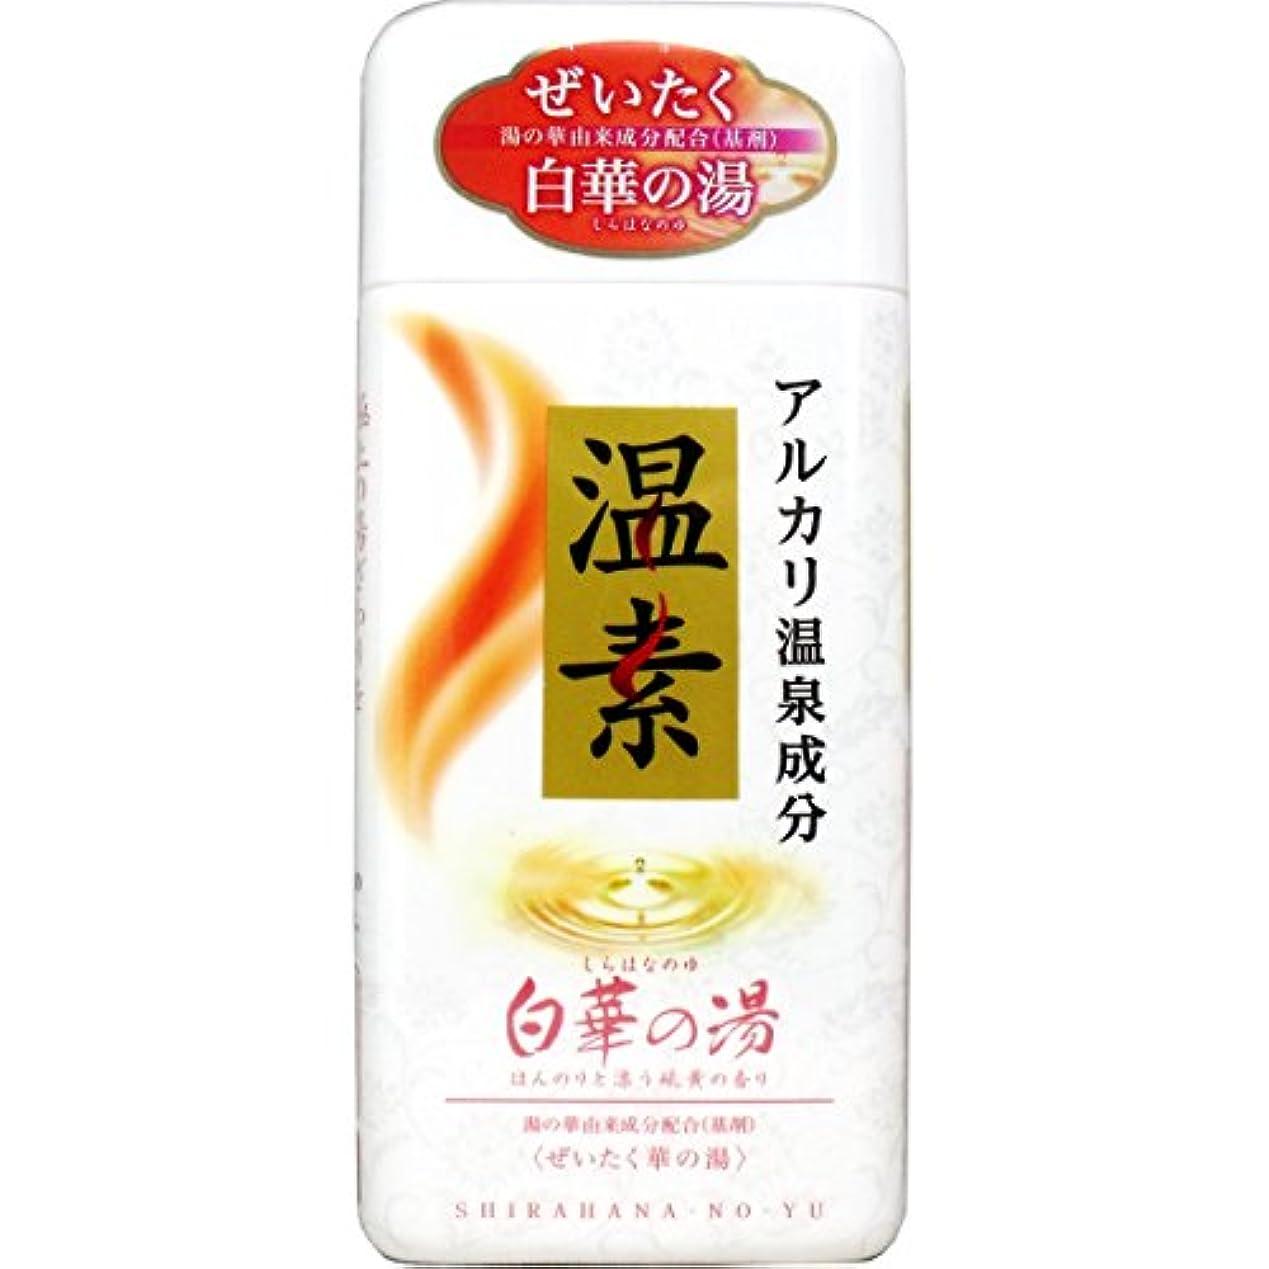 予算先に推定する入浴剤 ぜいたく華の湯 リラックス用品 アルカリ温泉成分 温素 入浴剤 白華の湯 硫黄の香り 600g入